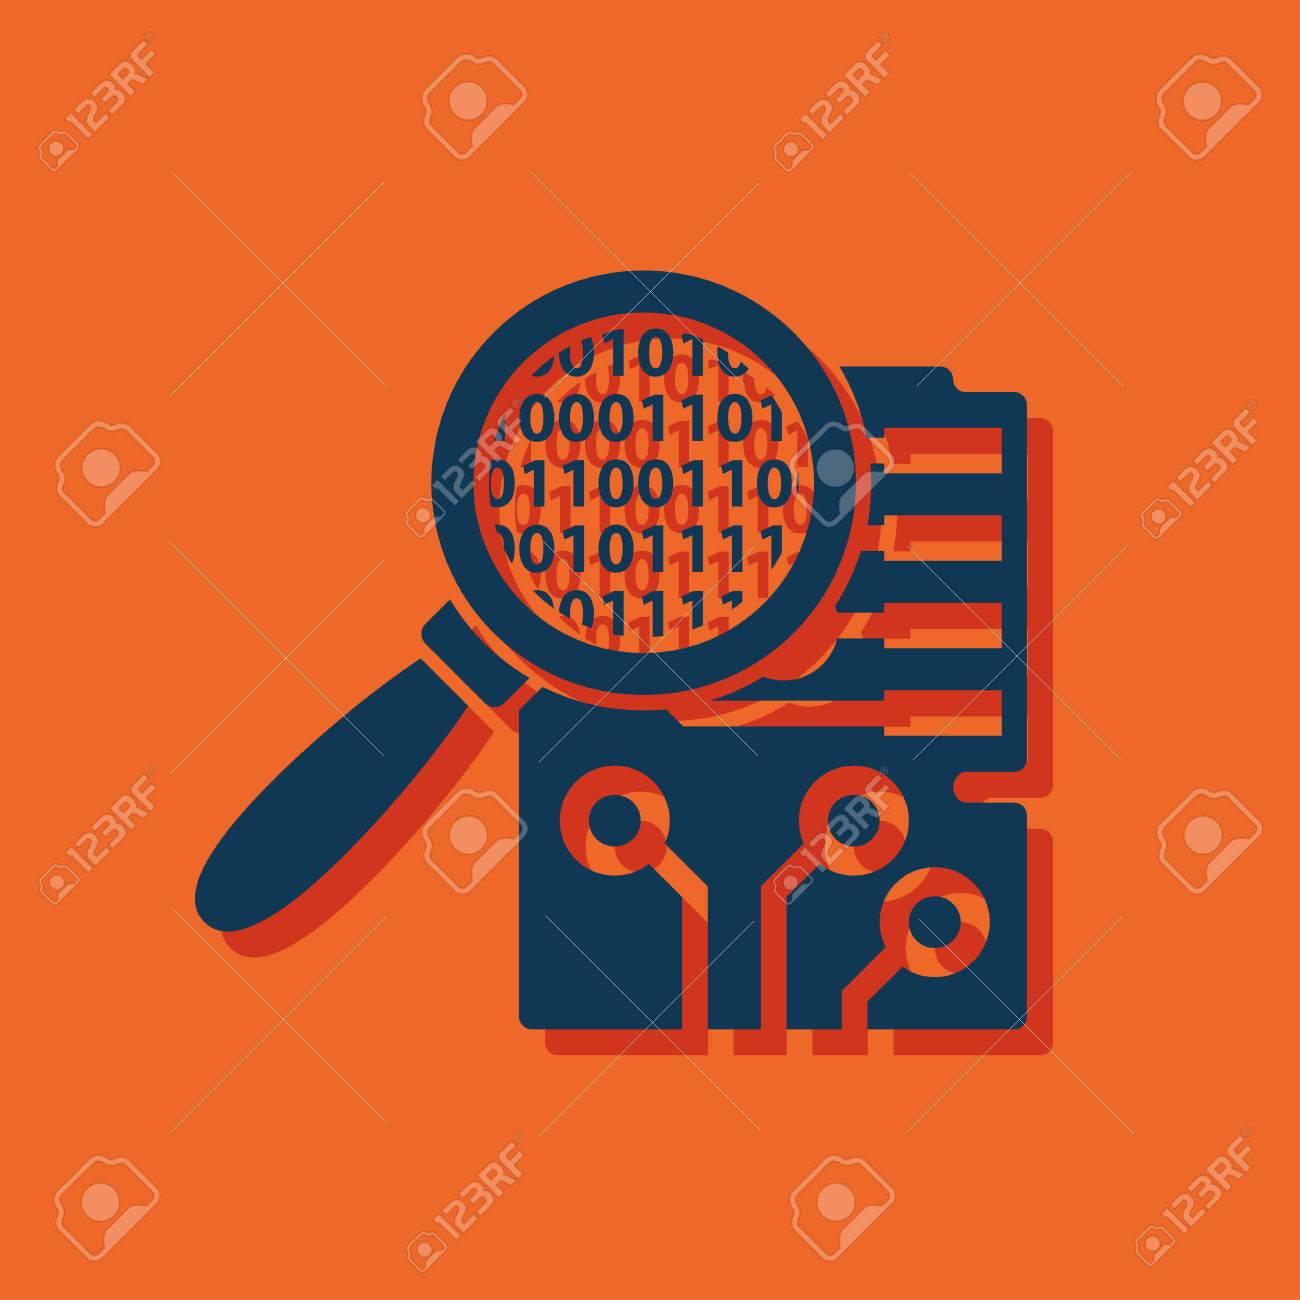 Circuito Y Servicios : Circuito de inspección de placas icono plana ilustración